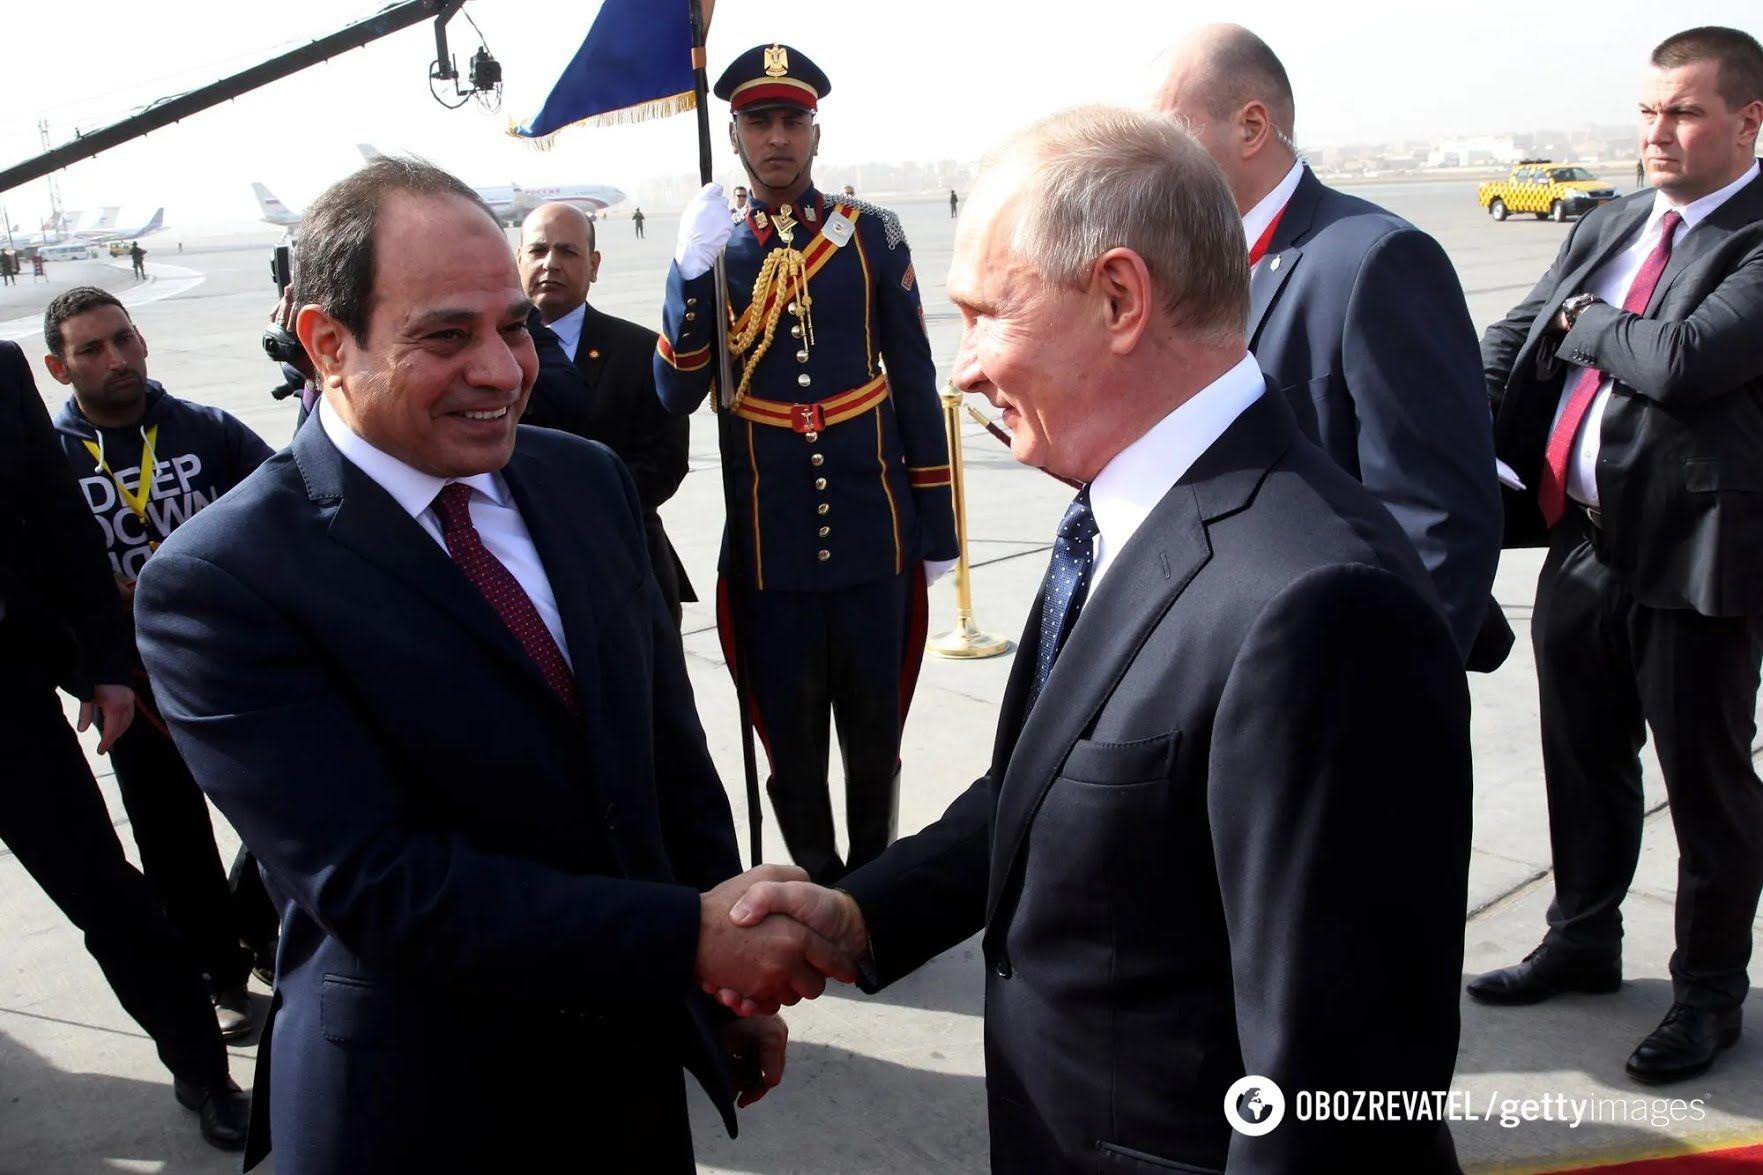 Встреча президента России и президента Египта в Каире, 2017 год.